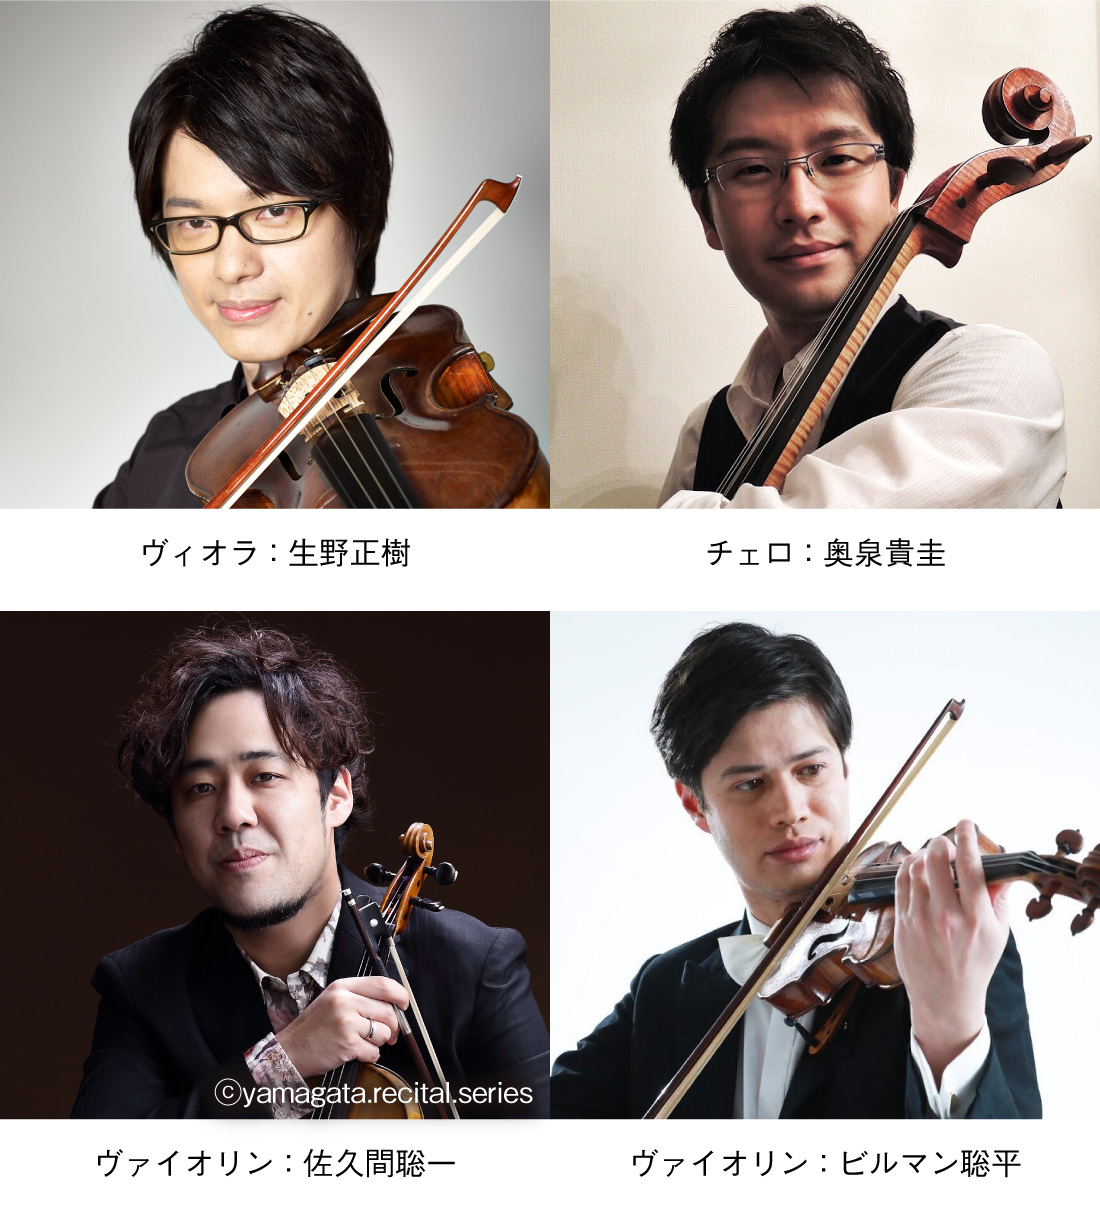 ヴァイオリンの佐久間聡一、ヴィオラの生野正樹、チェロの奥泉貴圭、ヴァイオリンのビルマン聡平